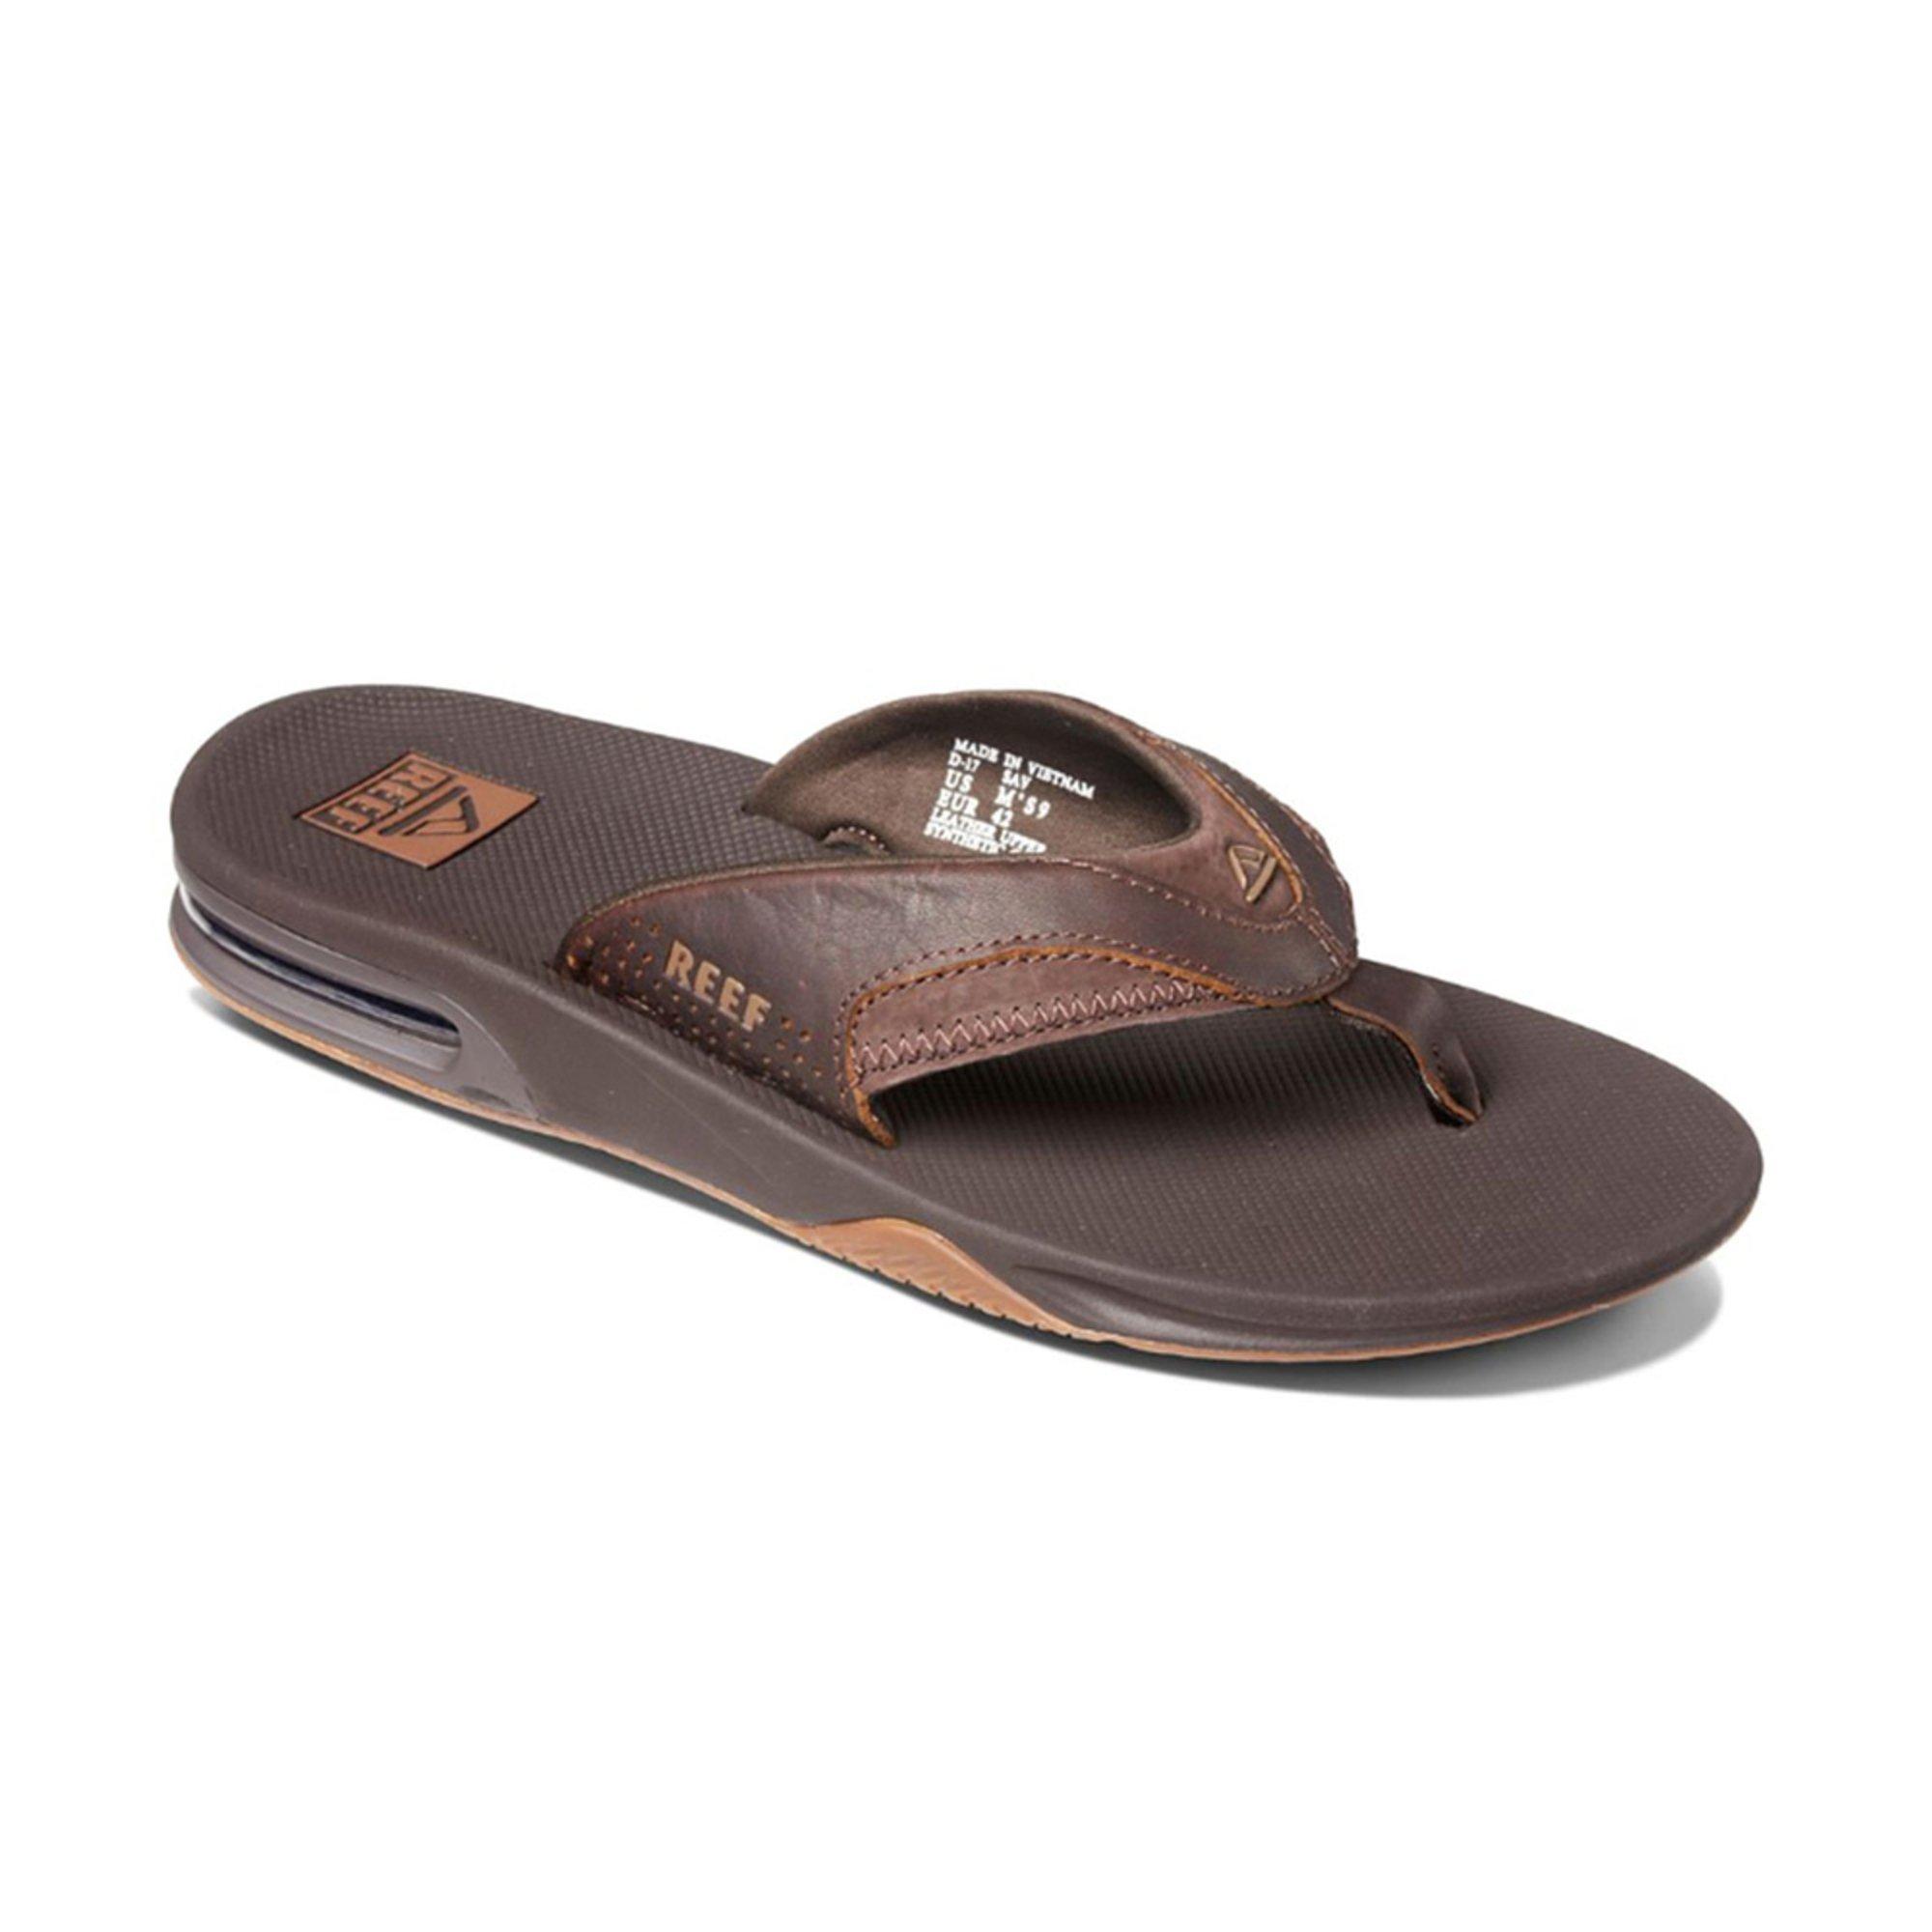 32da5391bee2 Reef Men s Leather Fanning Waterproof Sandal